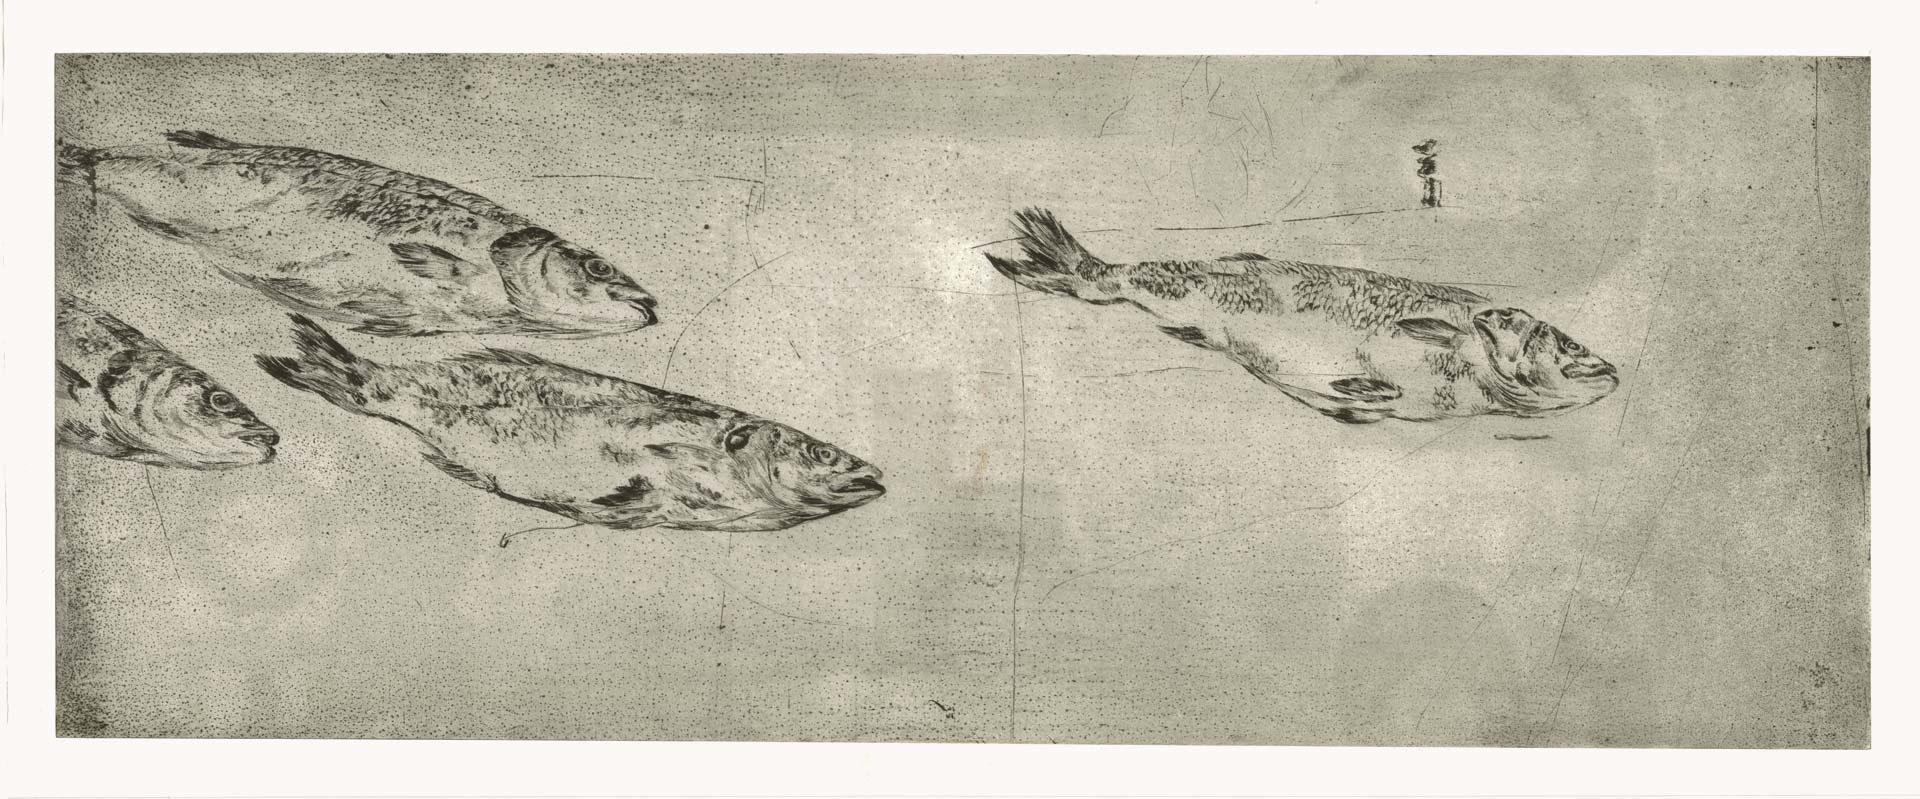 Wolfsbarsch, 2012, Kaltnadelradierung, 40 x 100 cm